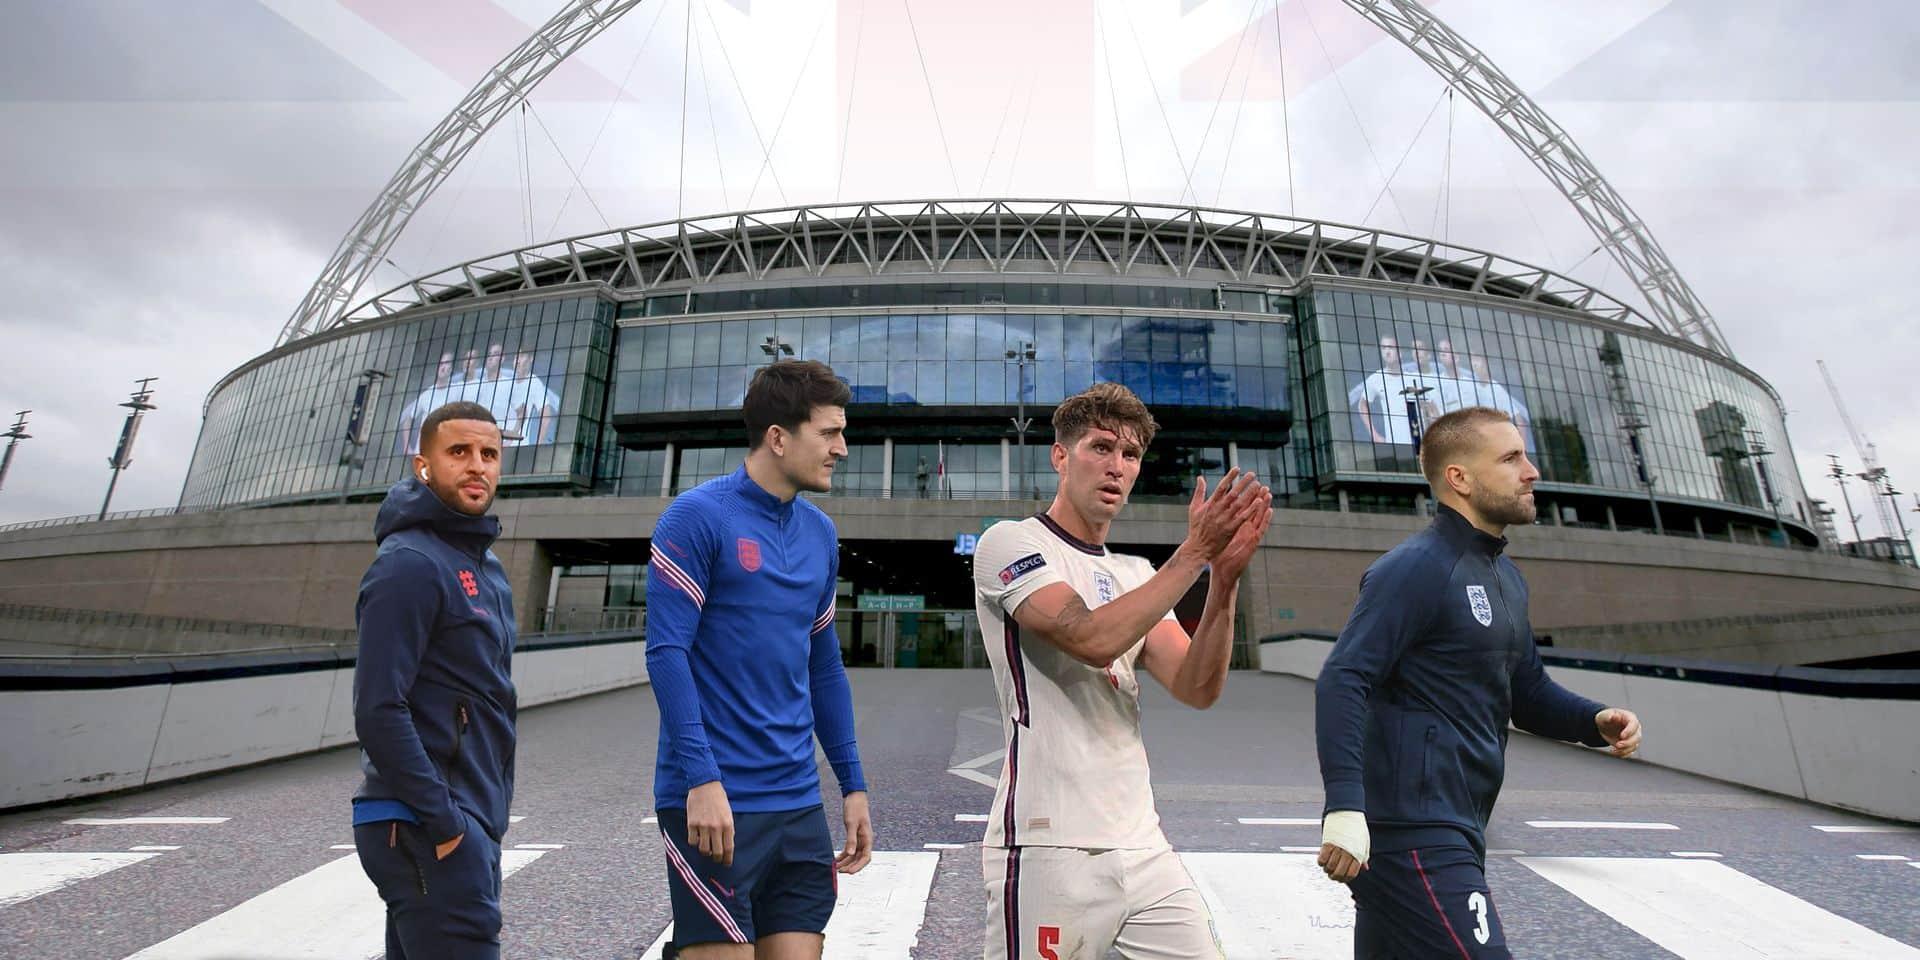 Quatre garçons dans le vent pour pousser l'Angleterre